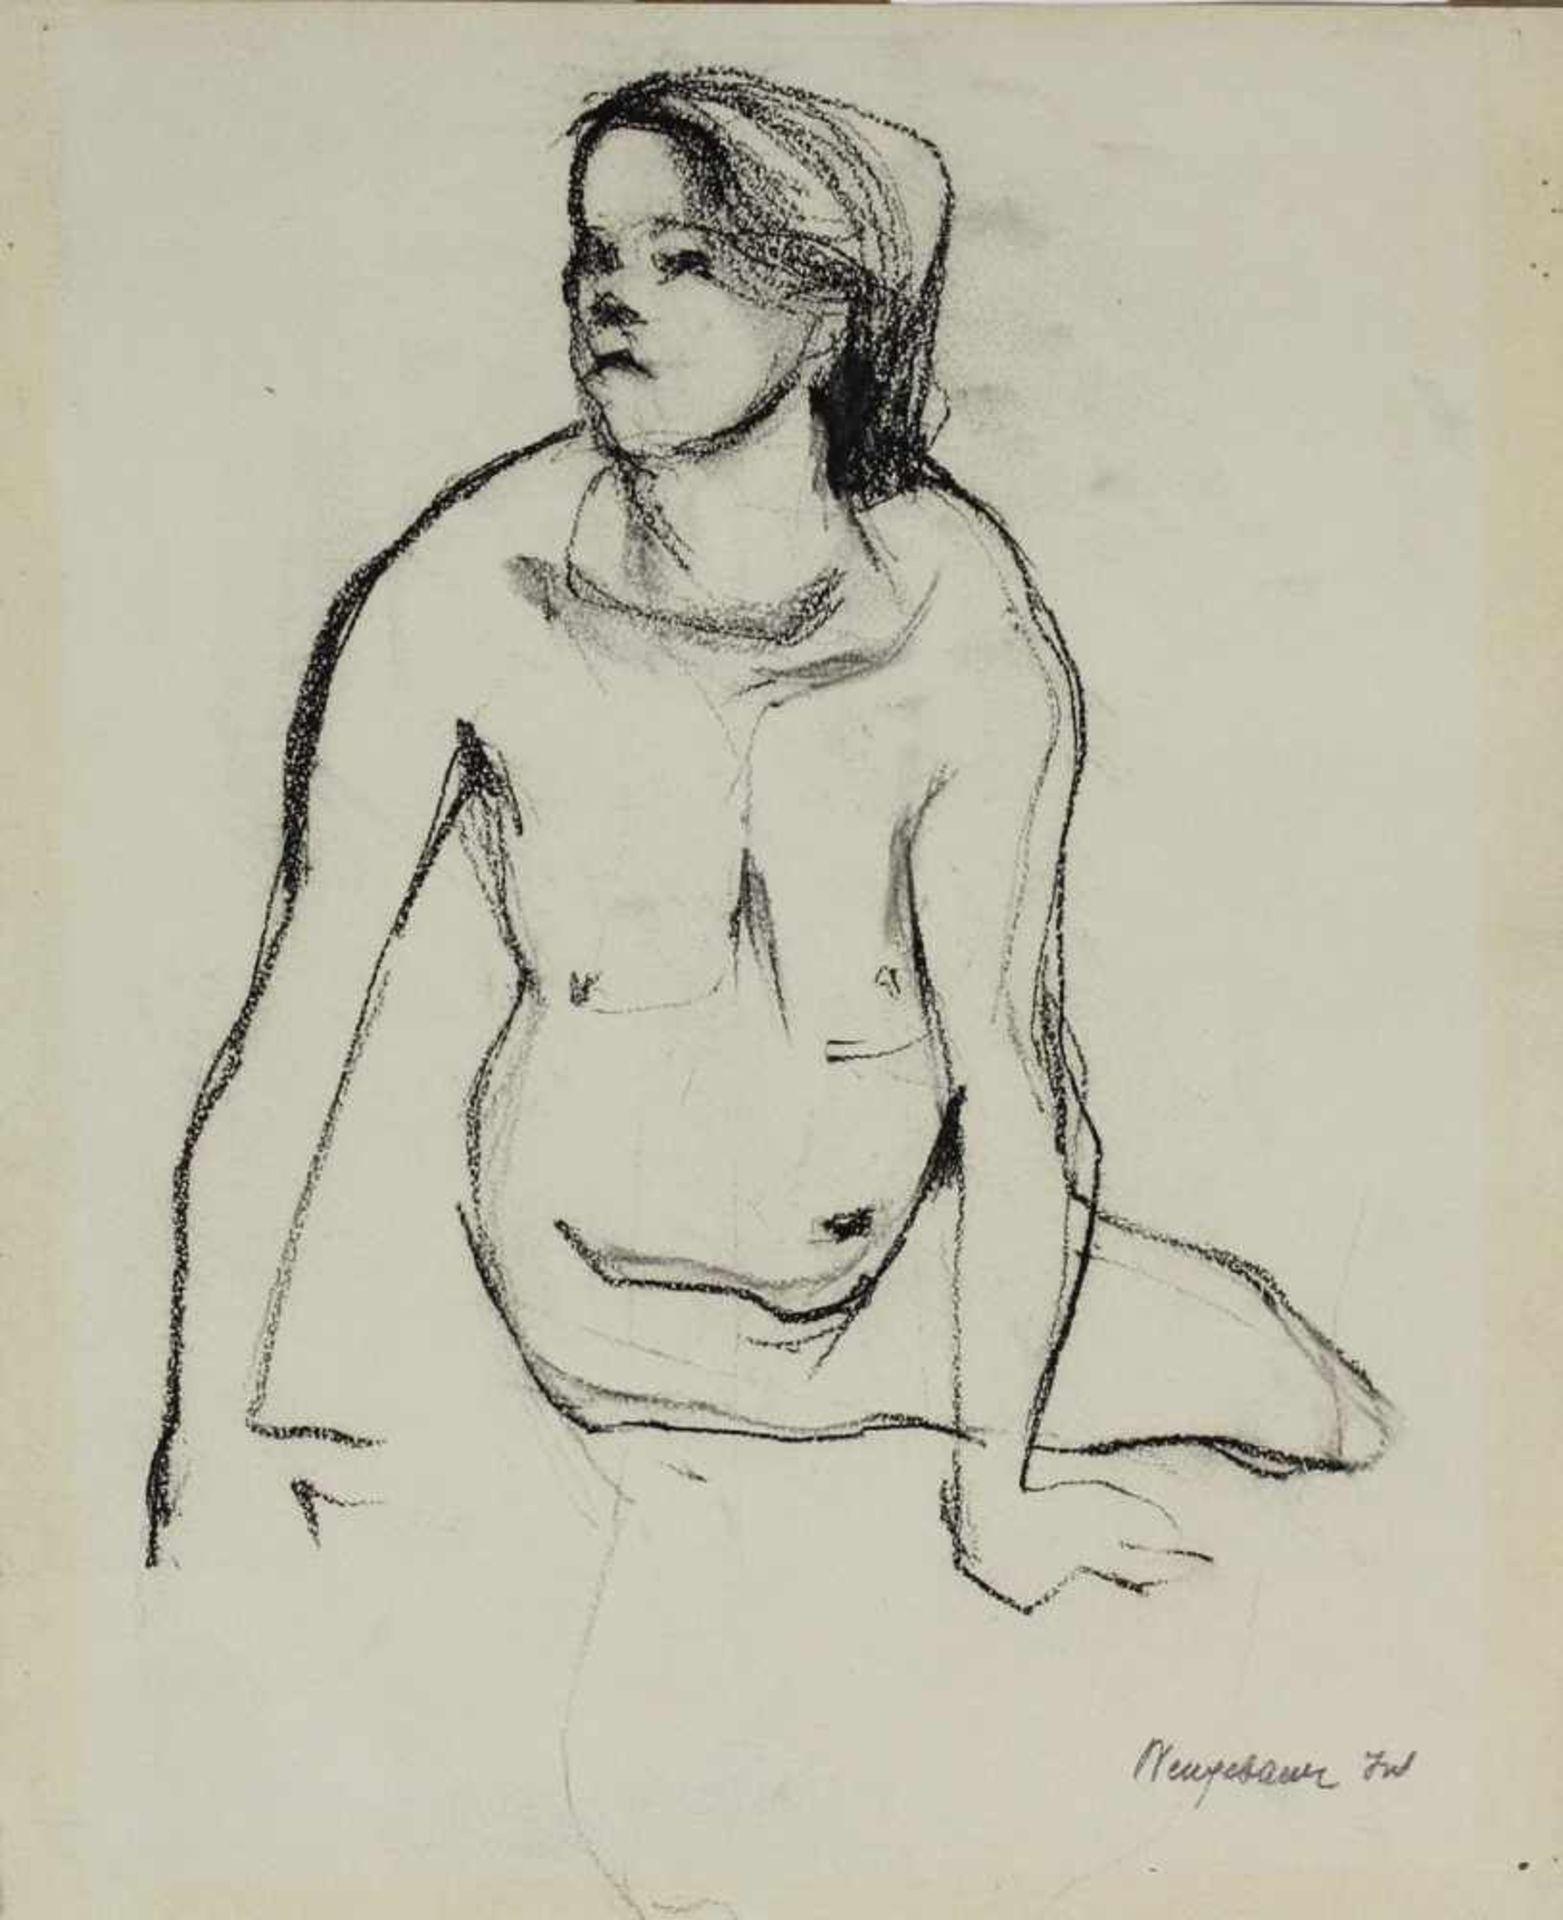 Marianne Neugebauer-Iwanska 1911-1997 Akt Graphit signiert 38 x 31 cm